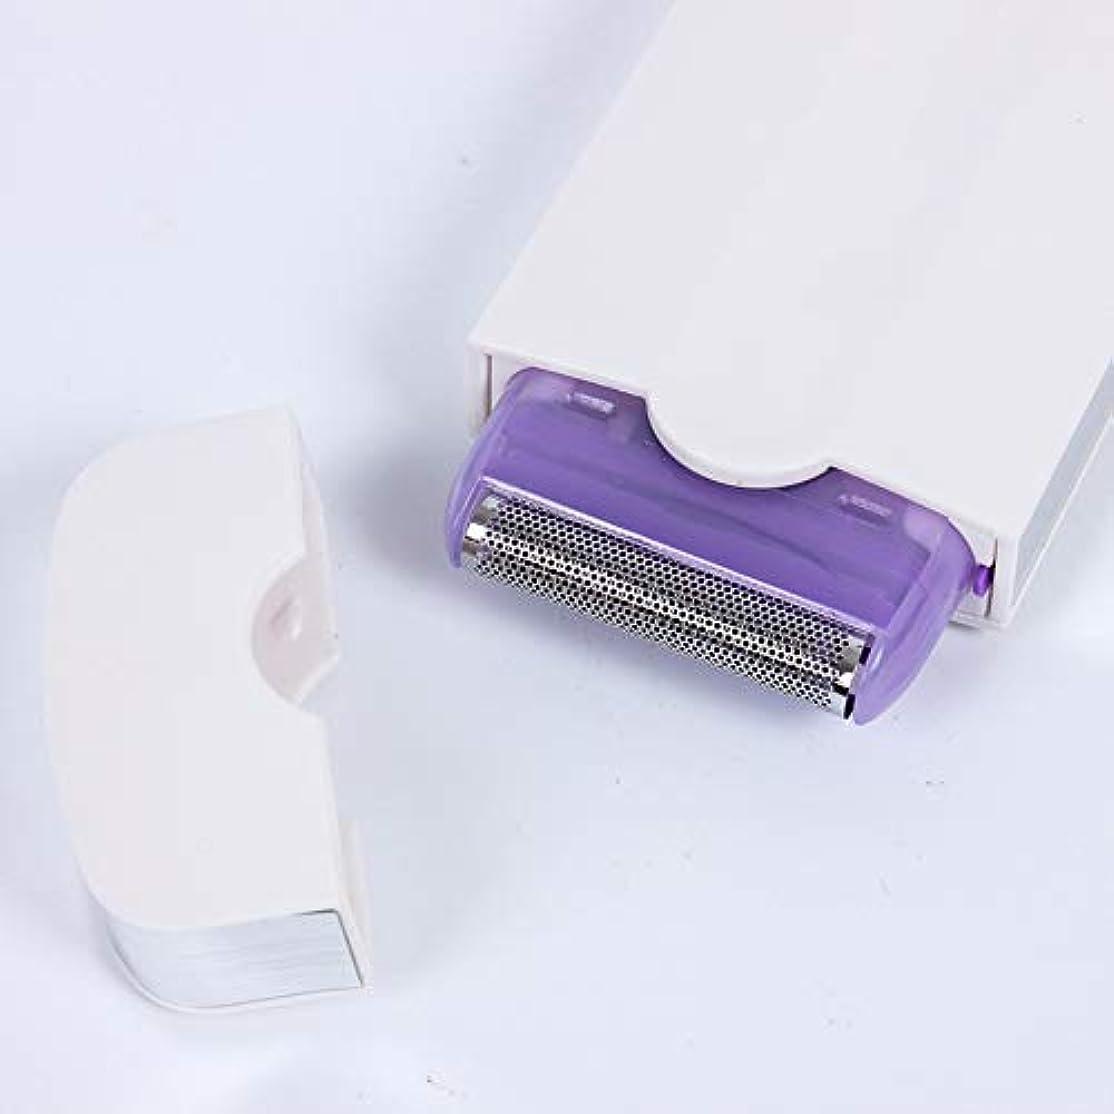 検体テラスエンドテーブルブルーレイ誘導シェーバーレディ脱毛器レーザー痛みのない脱毛脱毛シェーバー電動脱毛器具